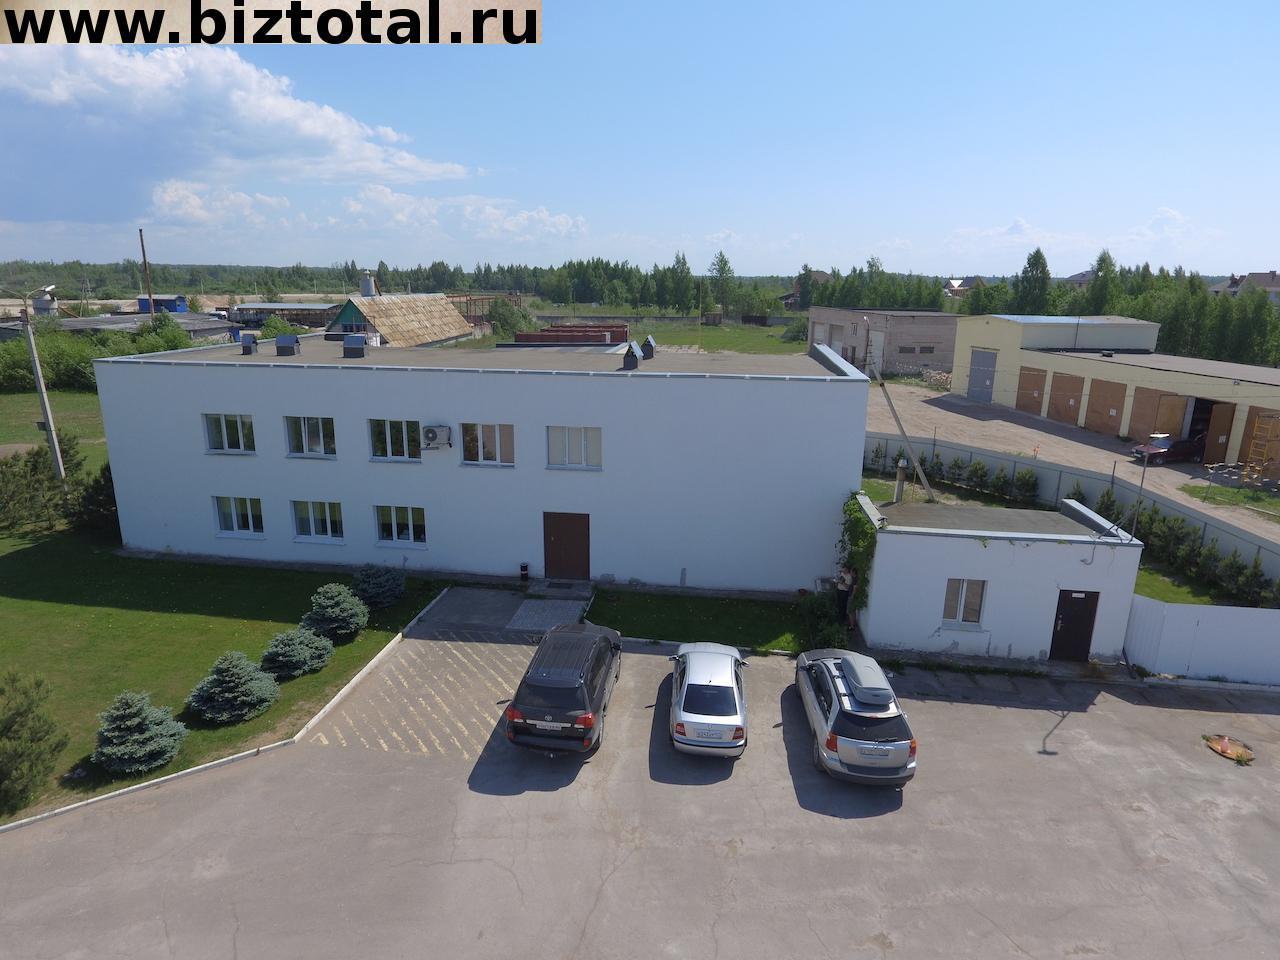 Производственная база 2.3 Га в Пскове